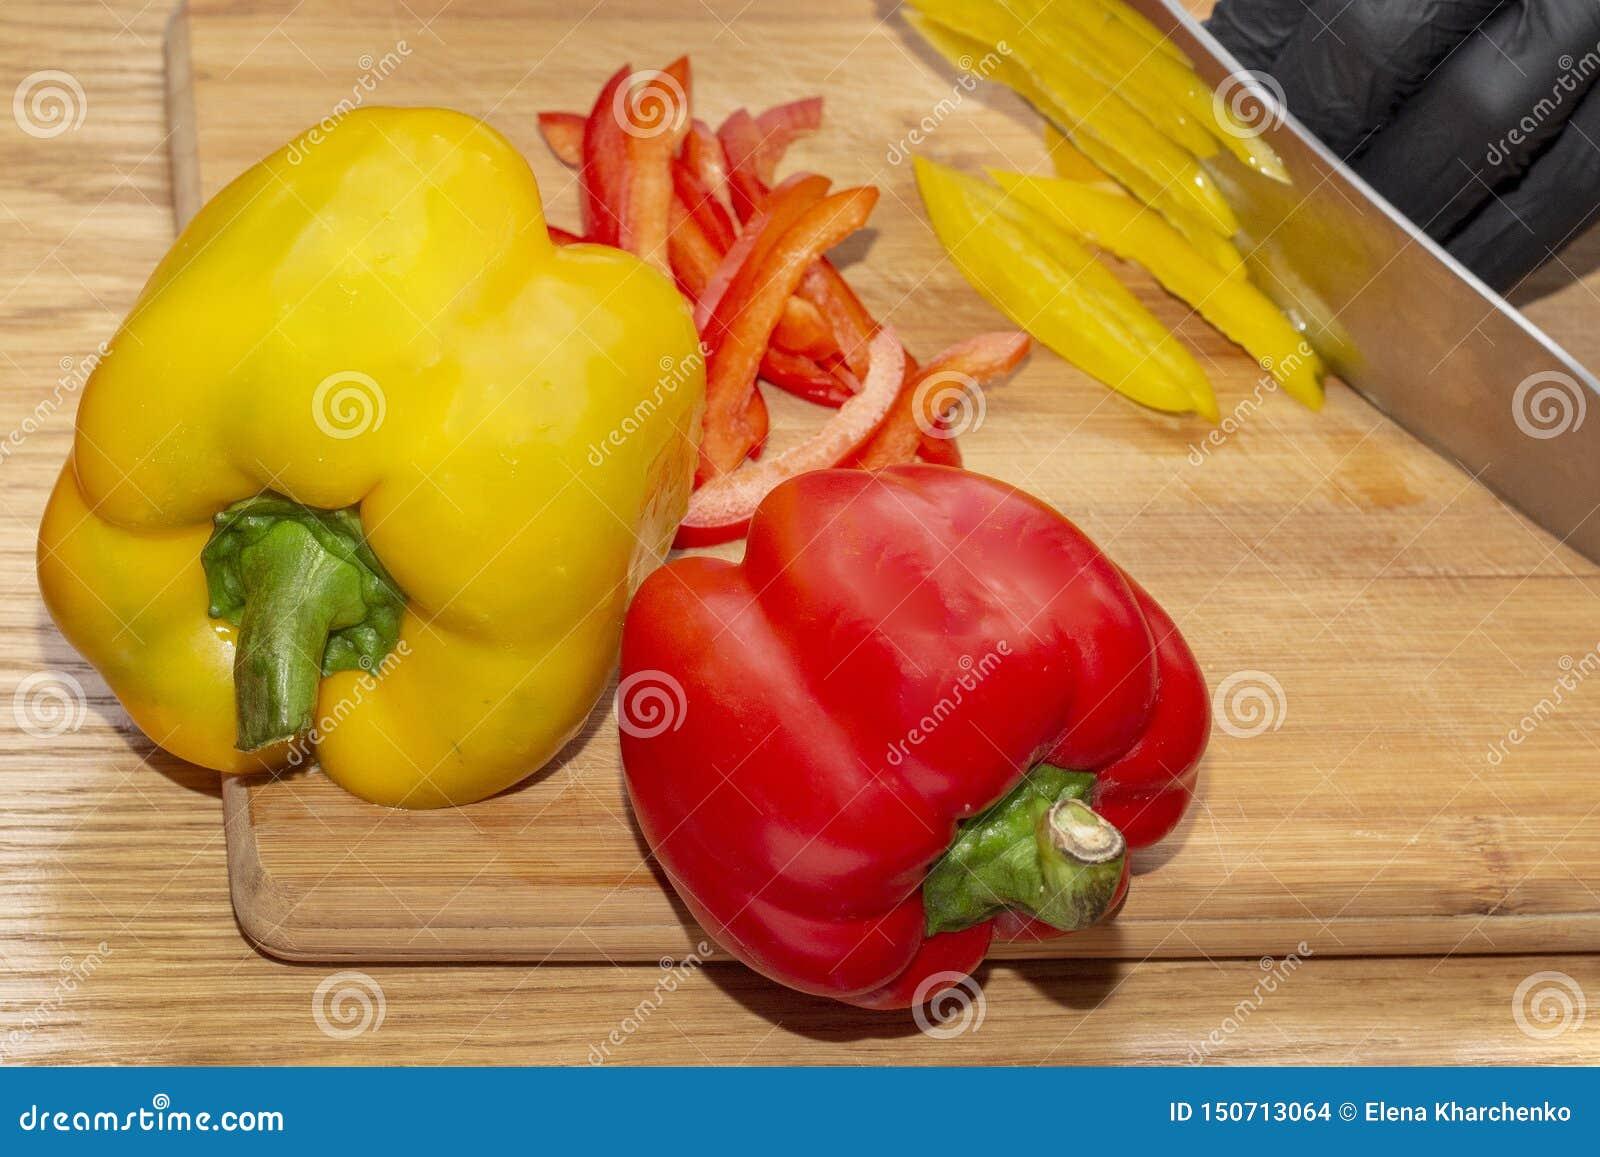 El cocinero corta las pimientas de la paprika en plato dietético vegetariano en guantes en una tabla de cortar de madera